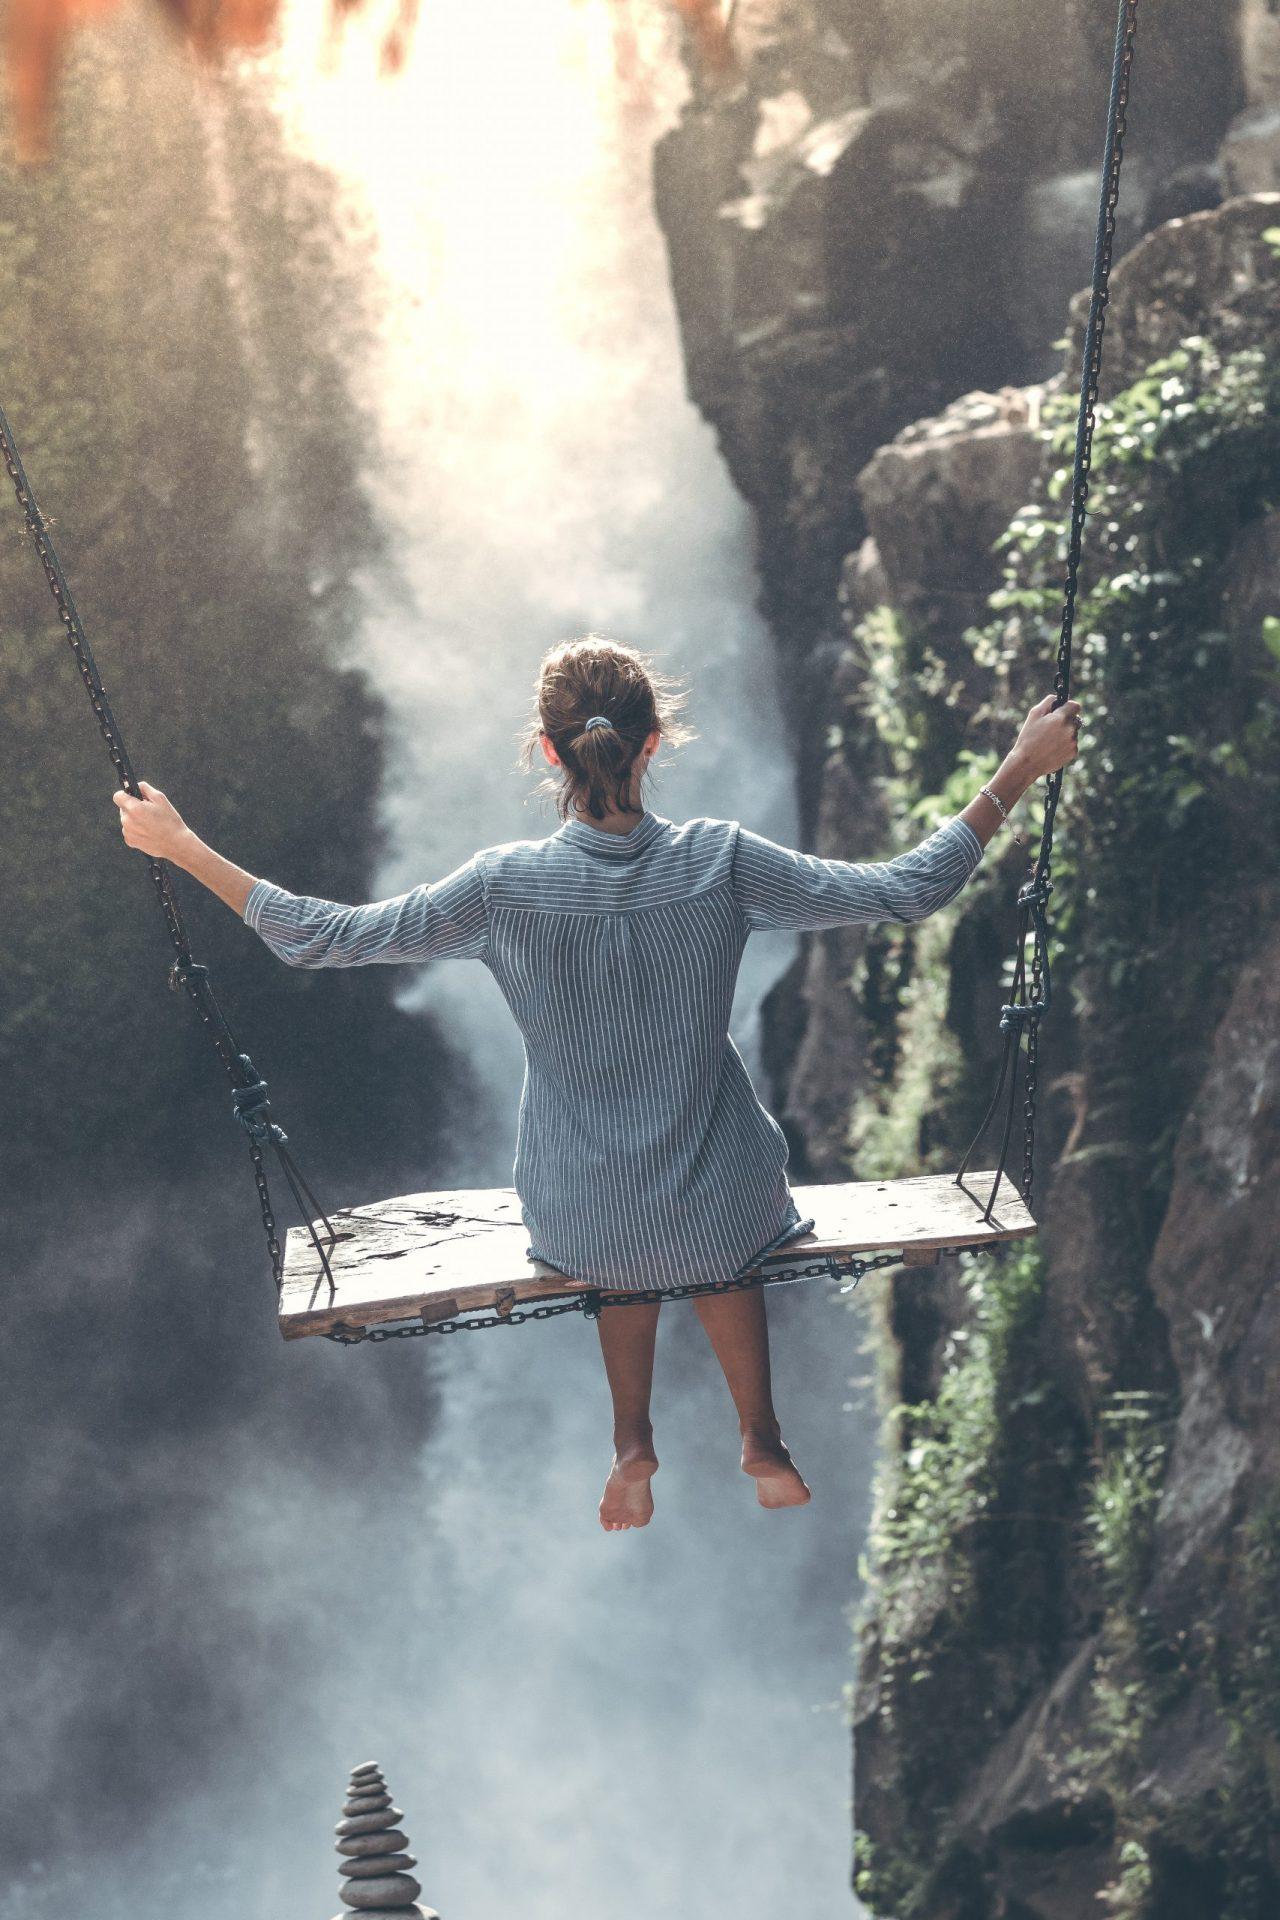 山でブランコに乗る女の子